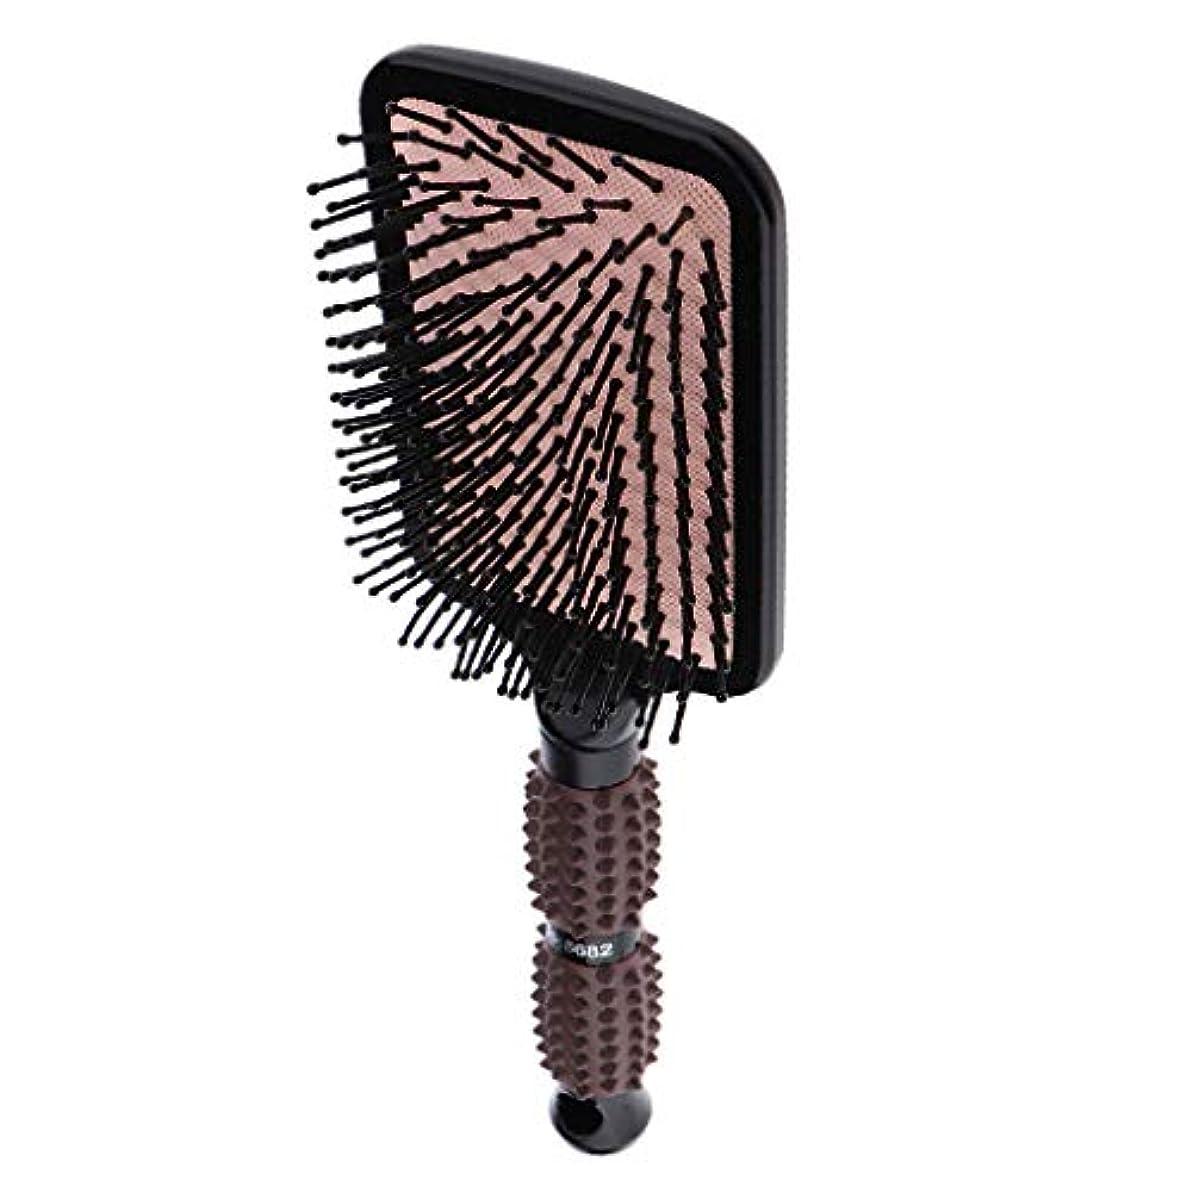 しないオーストラリアビクターヘアブラシ 毛 頭皮 マッサージ 美髪ケア マッサージコーム 帯電防止 全2サイズ選べ - スクエア